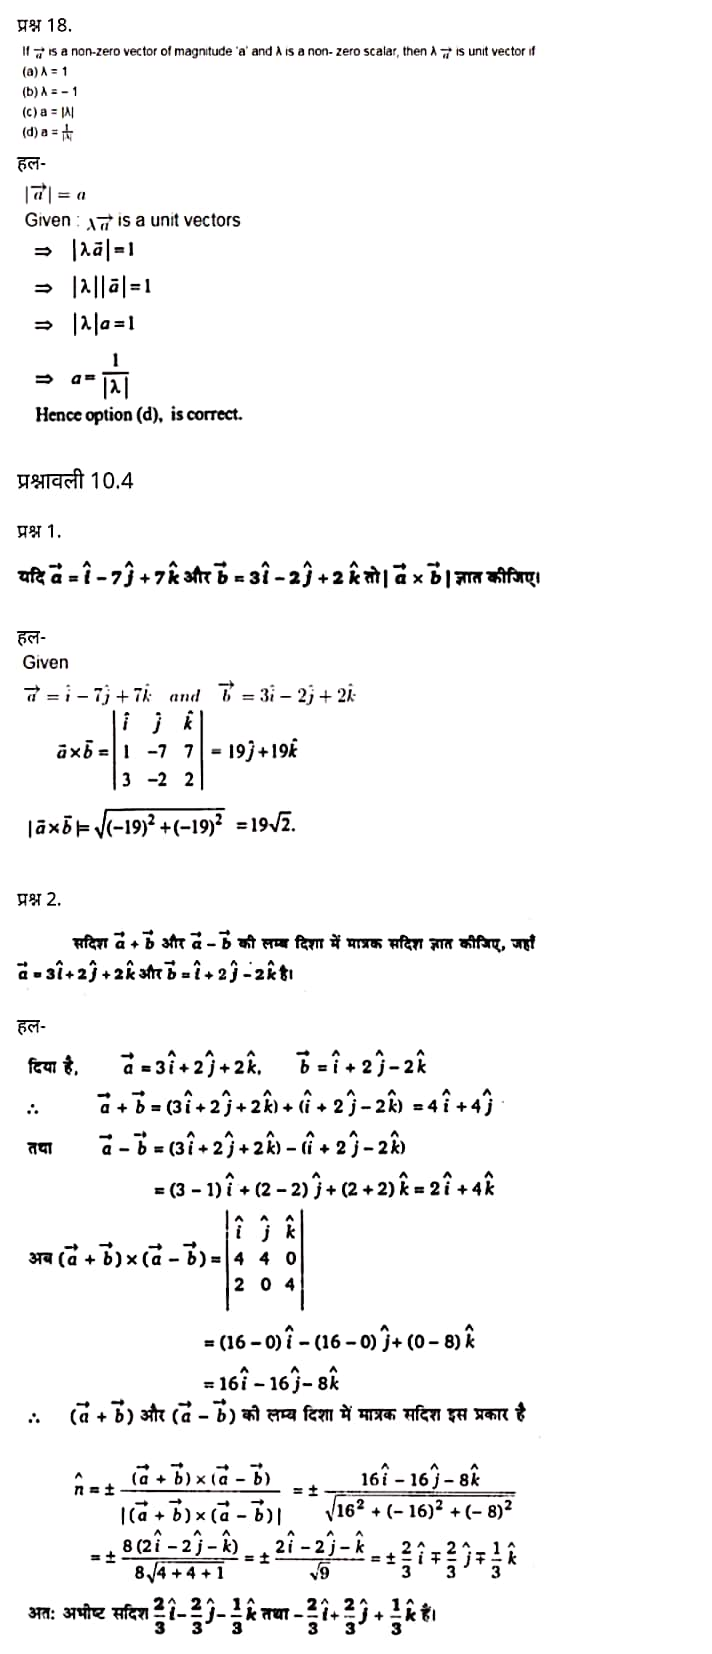 """""""Class 12 Maths Chapter 10"""" ,""""Vector Algebra"""", Hindi Medium मैथ्स कक्षा 12 नोट्स pdf,  मैथ्स कक्षा 12 नोट्स 2021 NCERT,  मैथ्स कक्षा 12 PDF,  मैथ्स पुस्तक,  मैथ्स की बुक,  मैथ्स प्रश्नोत्तरी Class 12, 12 वीं मैथ्स पुस्तक RBSE,  बिहार बोर्ड 12 वीं मैथ्स नोट्स,   12th Maths book in hindi,12th Maths notes in hindi,cbse books for class 12,cbse books in hindi,cbse ncert books,class 12 Maths notes in hindi,class 12 hindi ncert solutions,Maths 2020,Maths 2021,Maths 2022,Maths book class 12,Maths book in hindi,Maths class 12 in hindi,Maths notes for class 12 up board in hindi,ncert all books,ncert app in hindi,ncert book solution,ncert books class 10,ncert books class 12,ncert books for class 7,ncert books for upsc in hindi,ncert books in hindi class 10,ncert books in hindi for class 12 Maths,ncert books in hindi for class 6,ncert books in hindi pdf,ncert class 12 hindi book,ncert english book,ncert Maths book in hindi,ncert Maths books in hindi pdf,ncert Maths class 12,ncert in hindi,old ncert books in hindi,online ncert books in hindi,up board 12th,up board 12th syllabus,up board class 10 hindi book,up board class 12 books,up board class 12 new syllabus,up Board Maths 2020,up Board Maths 2021,up Board Maths 2022,up Board Maths 2023,up board intermediate Maths syllabus,up board intermediate syllabus 2021,Up board Master 2021,up board model paper 2021,up board model paper all subject,up board new syllabus of class 12th Maths,up board paper 2021,Up board syllabus 2021,UP board syllabus 2022,  12 वीं मैथ्स पुस्तक हिंदी में, 12 वीं मैथ्स नोट्स हिंदी में, कक्षा 12 के लिए सीबीएससी पुस्तकें, हिंदी में सीबीएससी पुस्तकें, सीबीएससी  पुस्तकें, कक्षा 12 मैथ्स नोट्स हिंदी में, कक्षा 12 हिंदी एनसीईआरटी समाधान, मैथ्स 2020, मैथ्स 2021, मैथ्स 2022, मैथ्स  बुक क्लास 12, मैथ्स बुक इन हिंदी, बायोलॉजी क्लास 12 हिंदी में, मैथ्स नोट्स इन क्लास 12 यूपी  बोर्ड इन हिंदी, एनसीईआरटी मैथ्स की किताब हिंदी में,  बोर्ड 12 वीं तक, 12 वीं तक की पाठ्यक्रम, बोर्ड कक्षा 10 की हिंदी पुस्तक  , बोर्ड की कक्षा 12"""